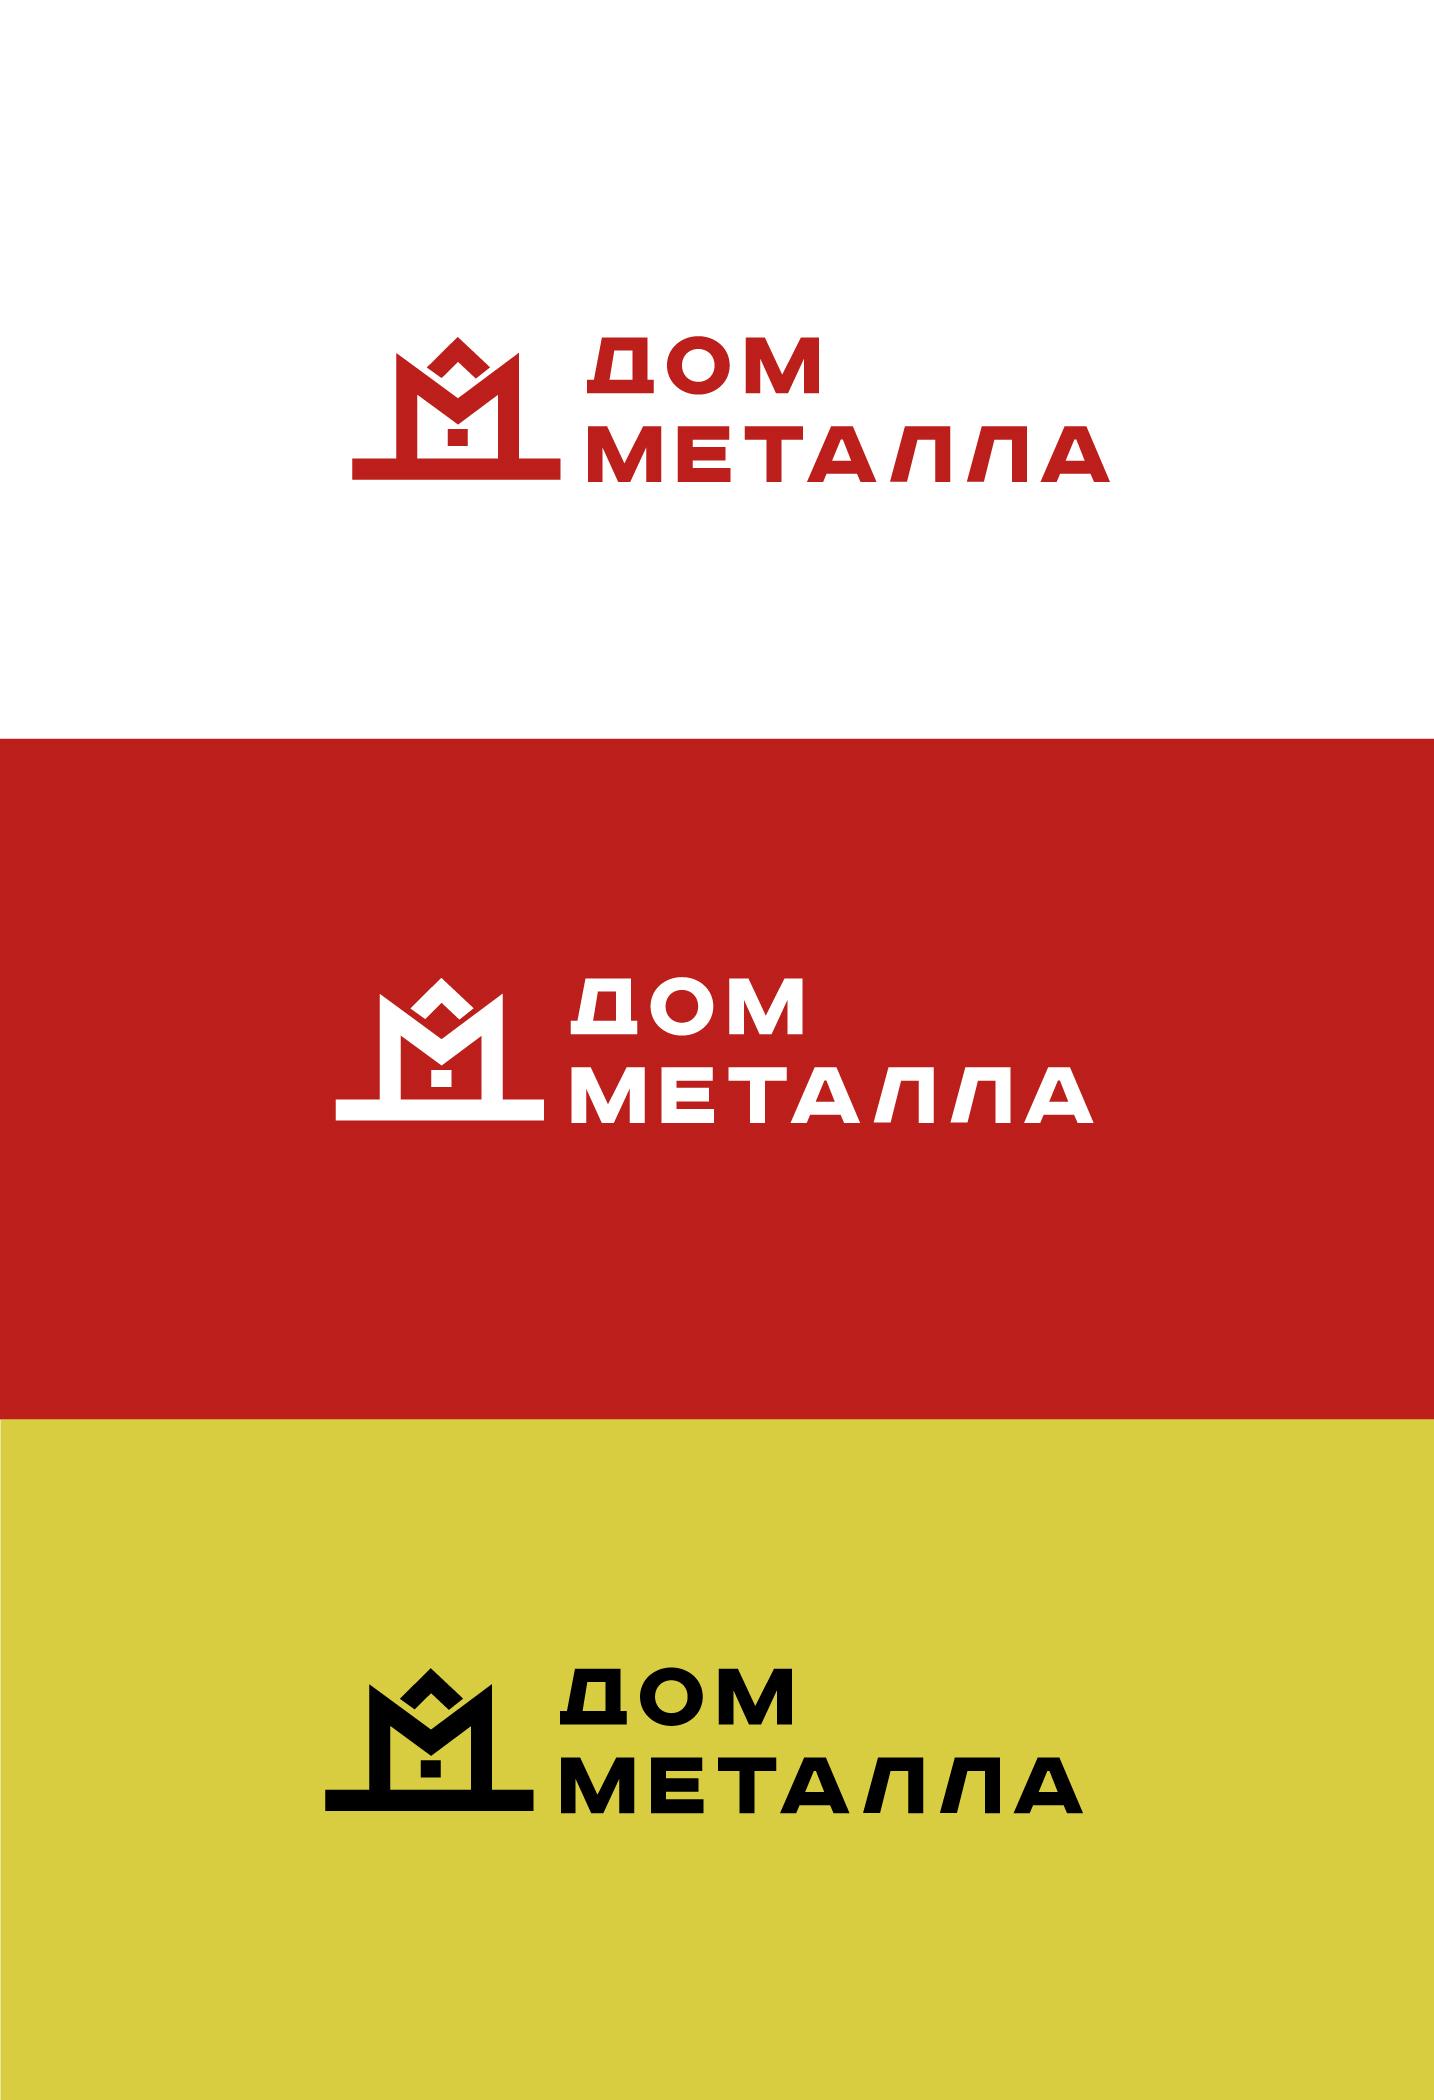 Разработка логотипа фото f_3215c595d8734f27.jpg